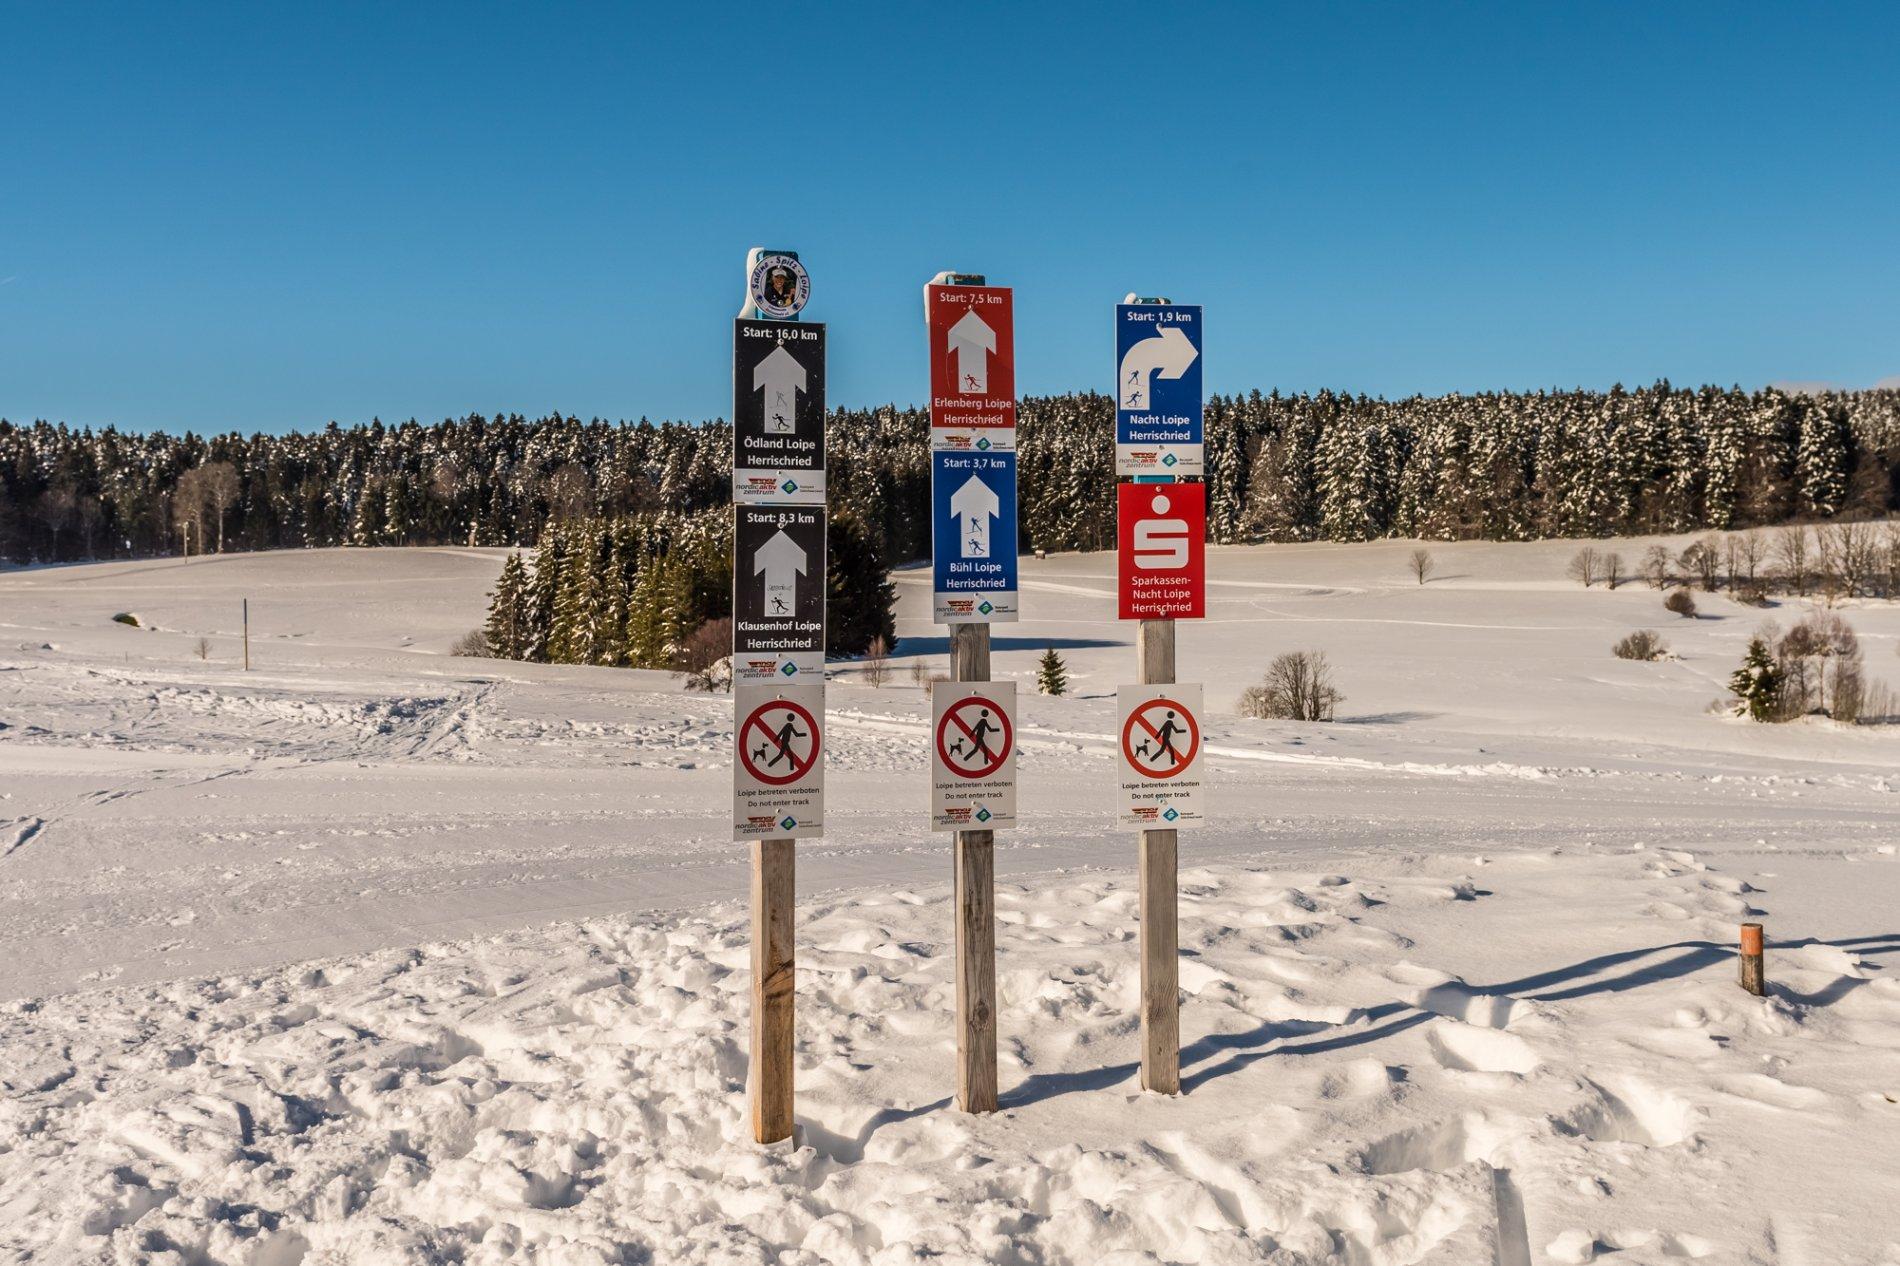 Langlaufzentrum Hotzenwald